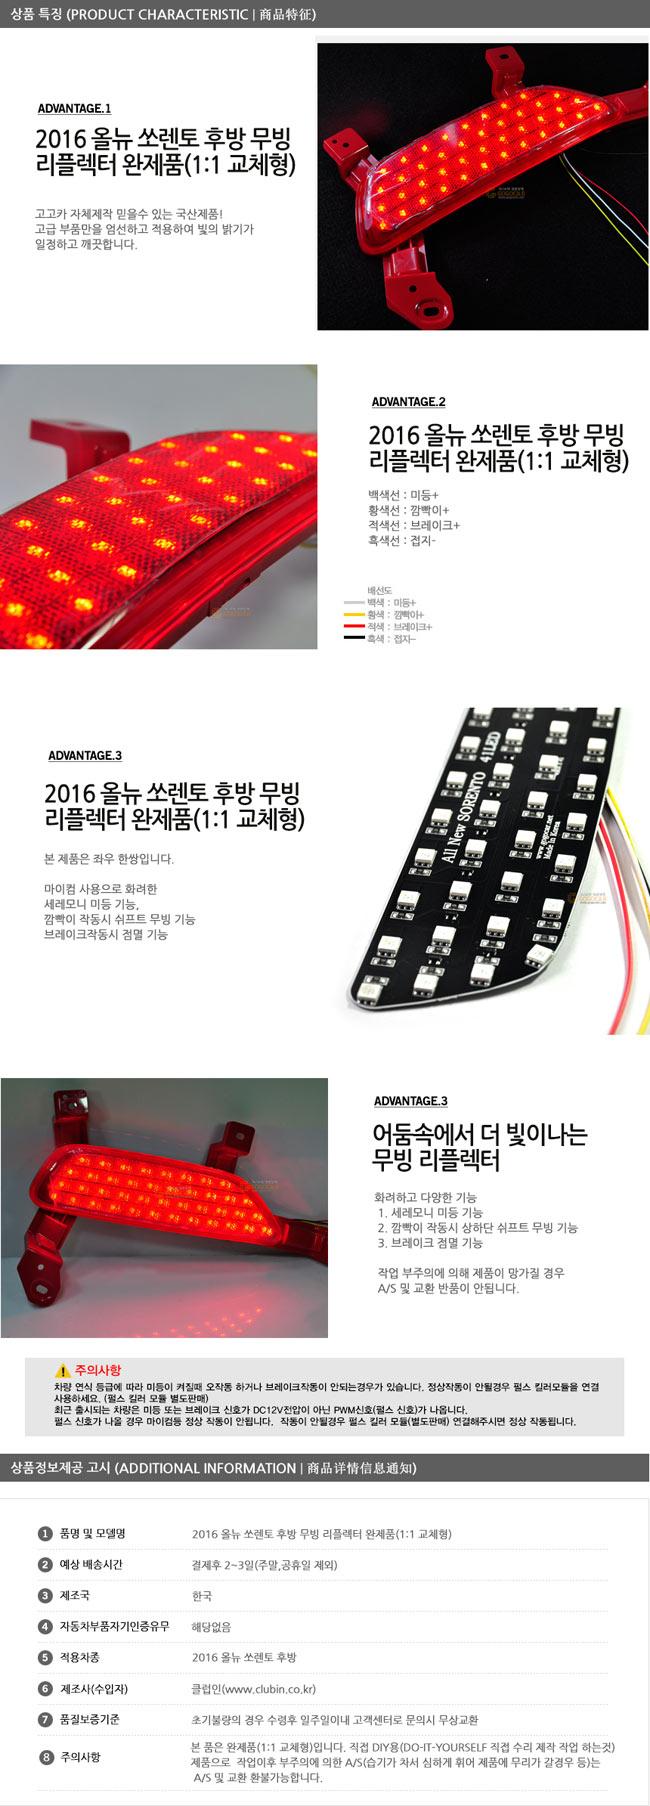 2016 올뉴 쏘렌토 후방 무빙 리플렉터 완제품(1:1 교체형)